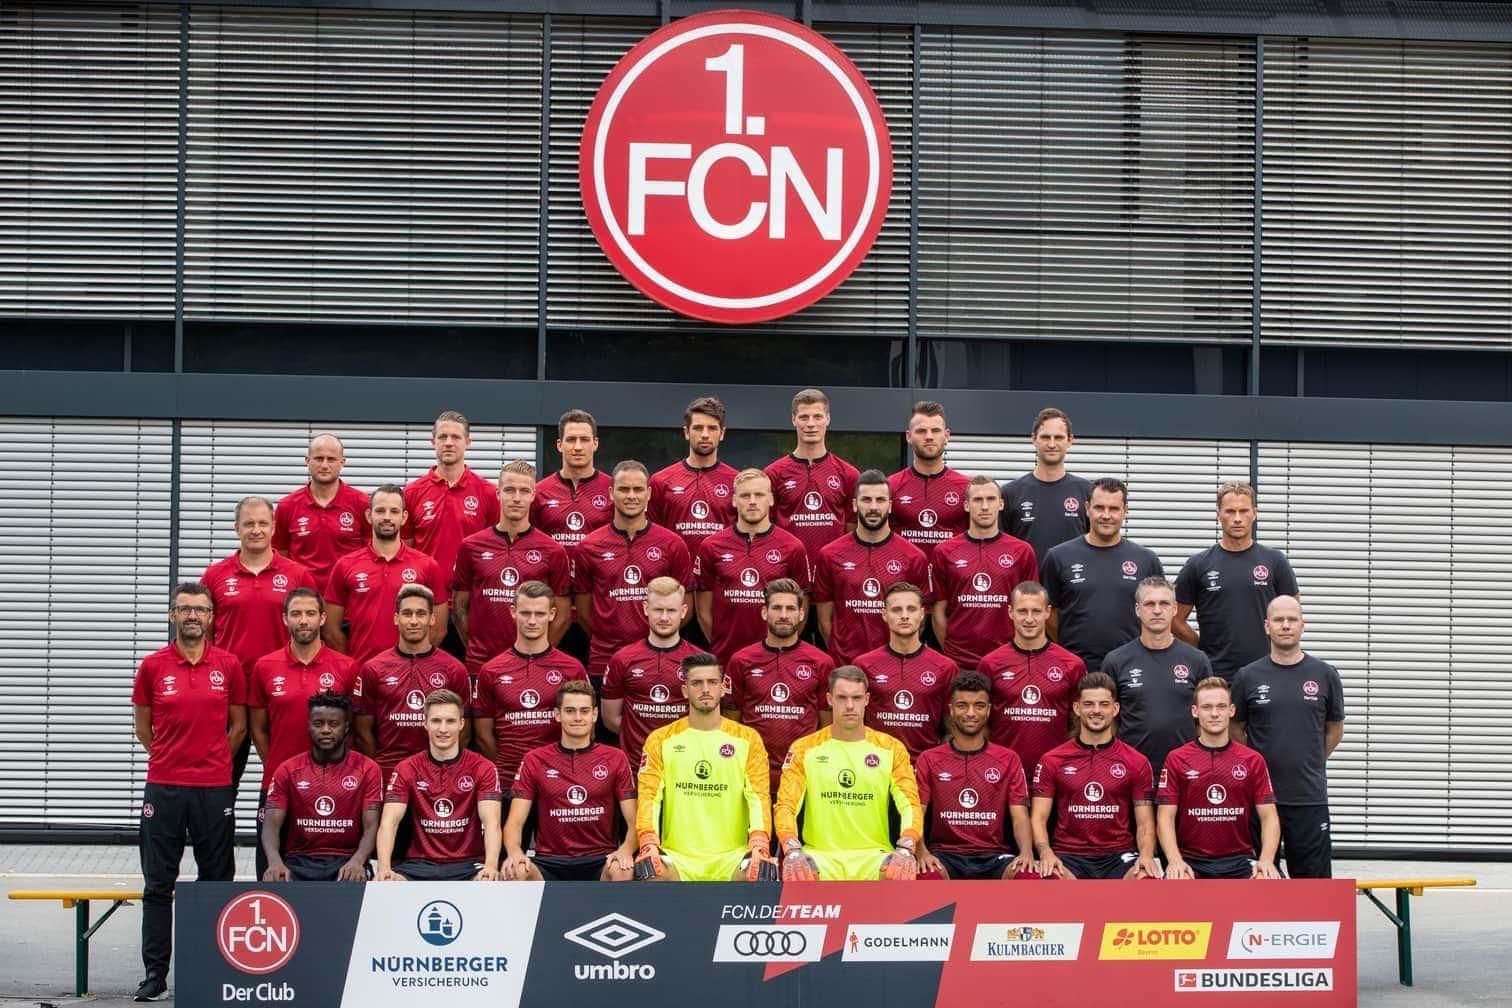 <p><strong>Platz 5: Fortuna Düsseldorf</strong></p>